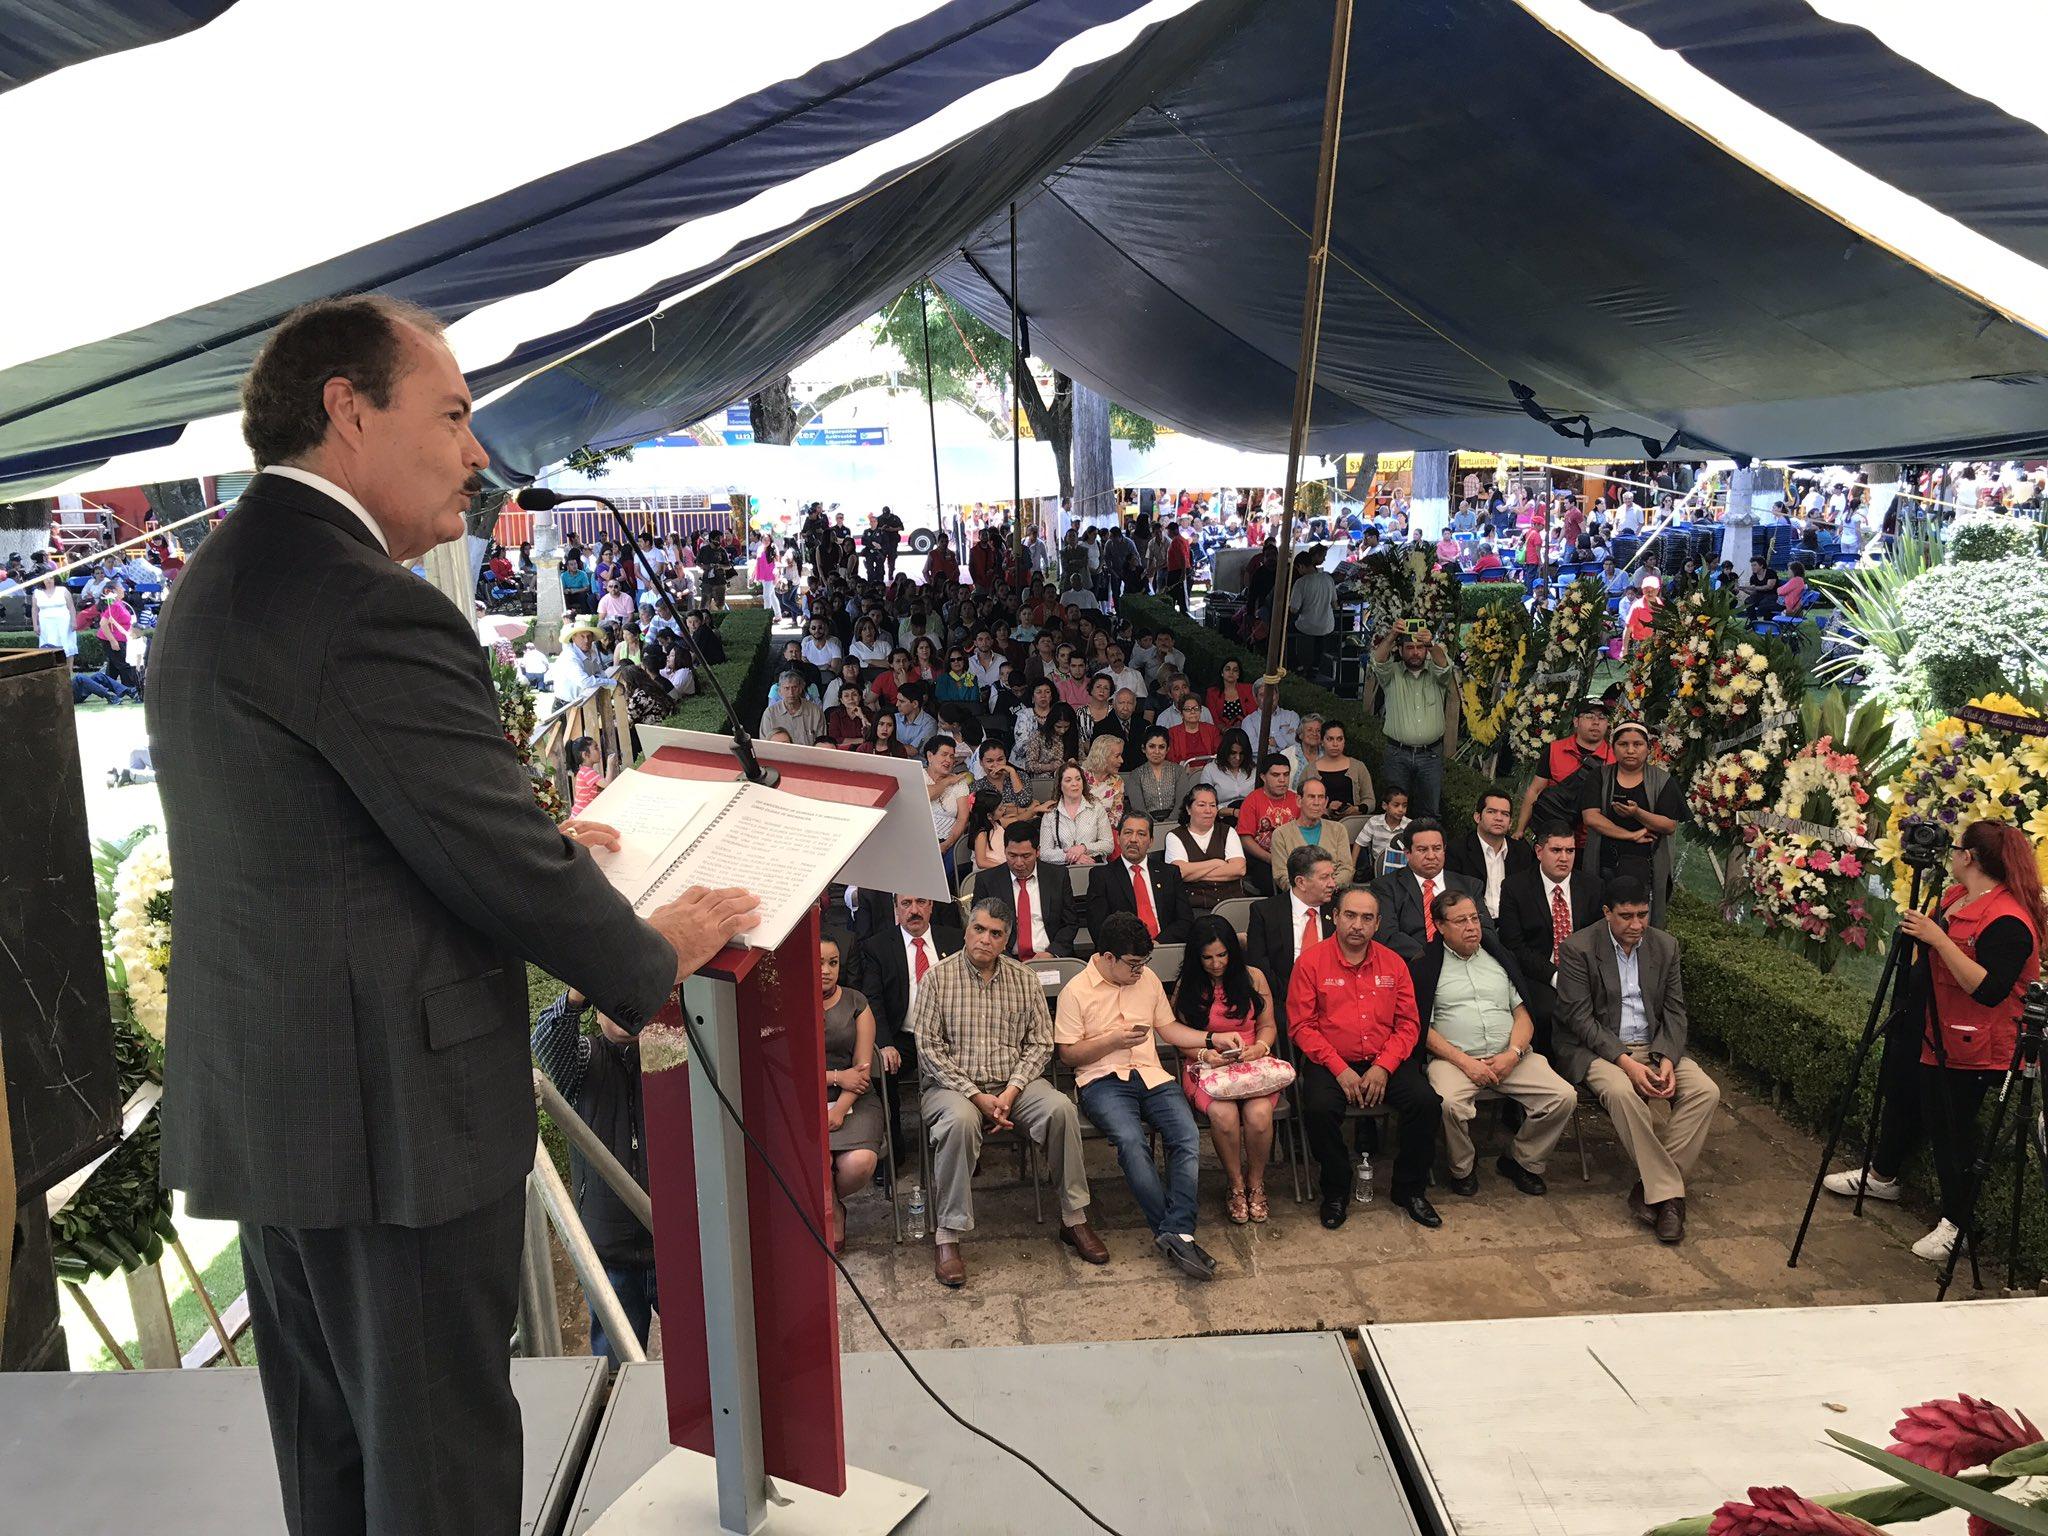 En #Quiroga, conmemoramos el 165 Aniversario como municipio libre y 31 Aniversario como ciudad de Michoacán. https://t.co/bbR7PXURua